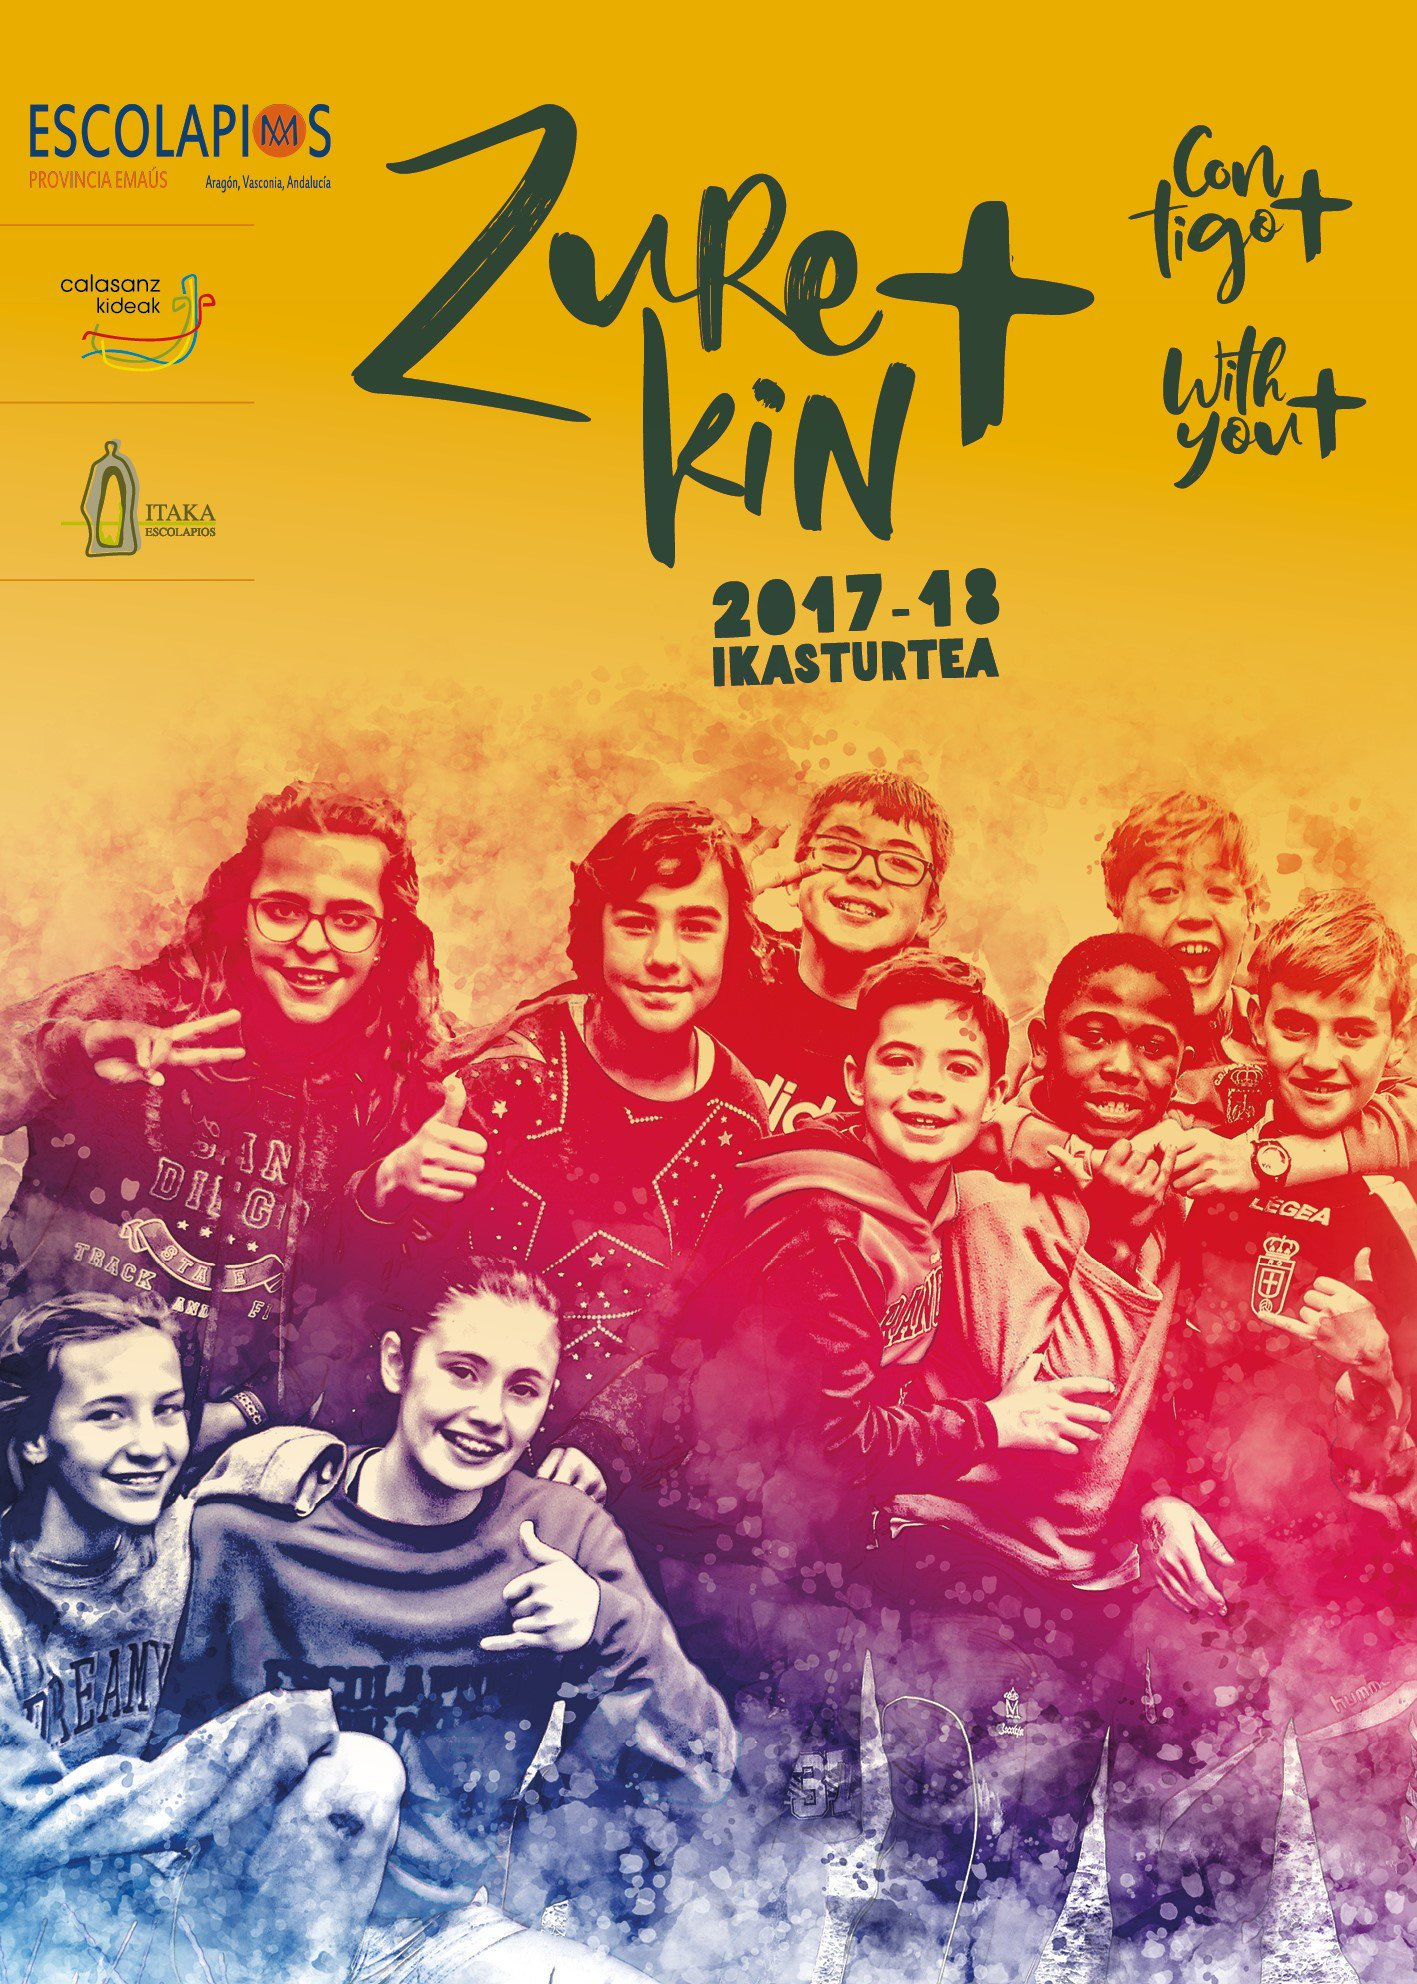 Resultado de imagen de zurekin + escolapios